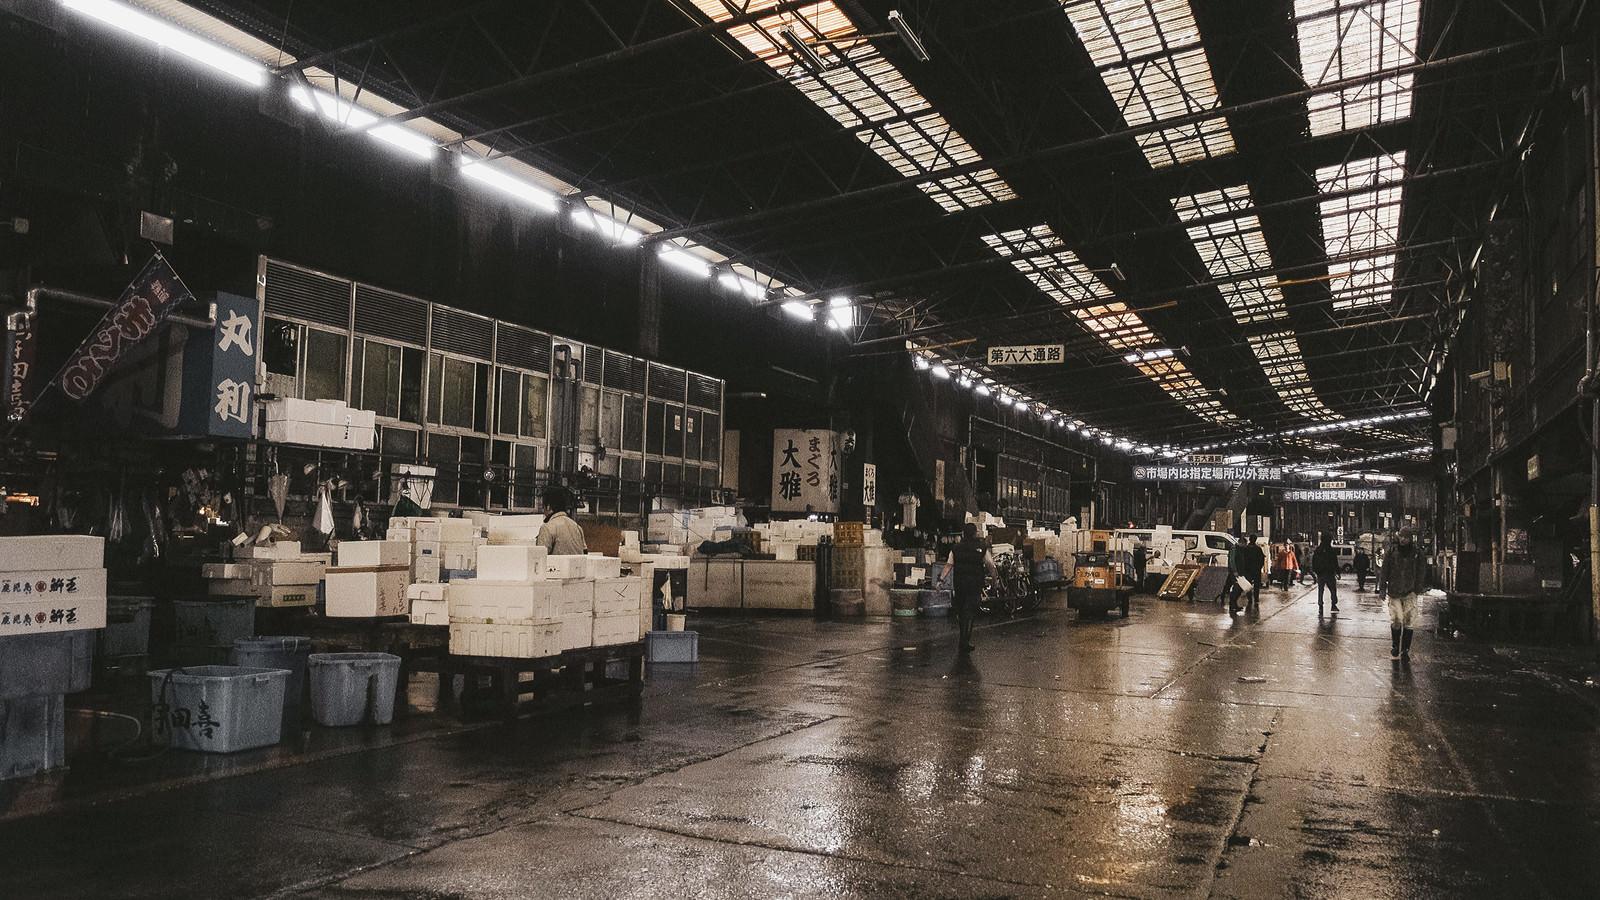 「老朽化が心配な築地市場内の様子」の写真